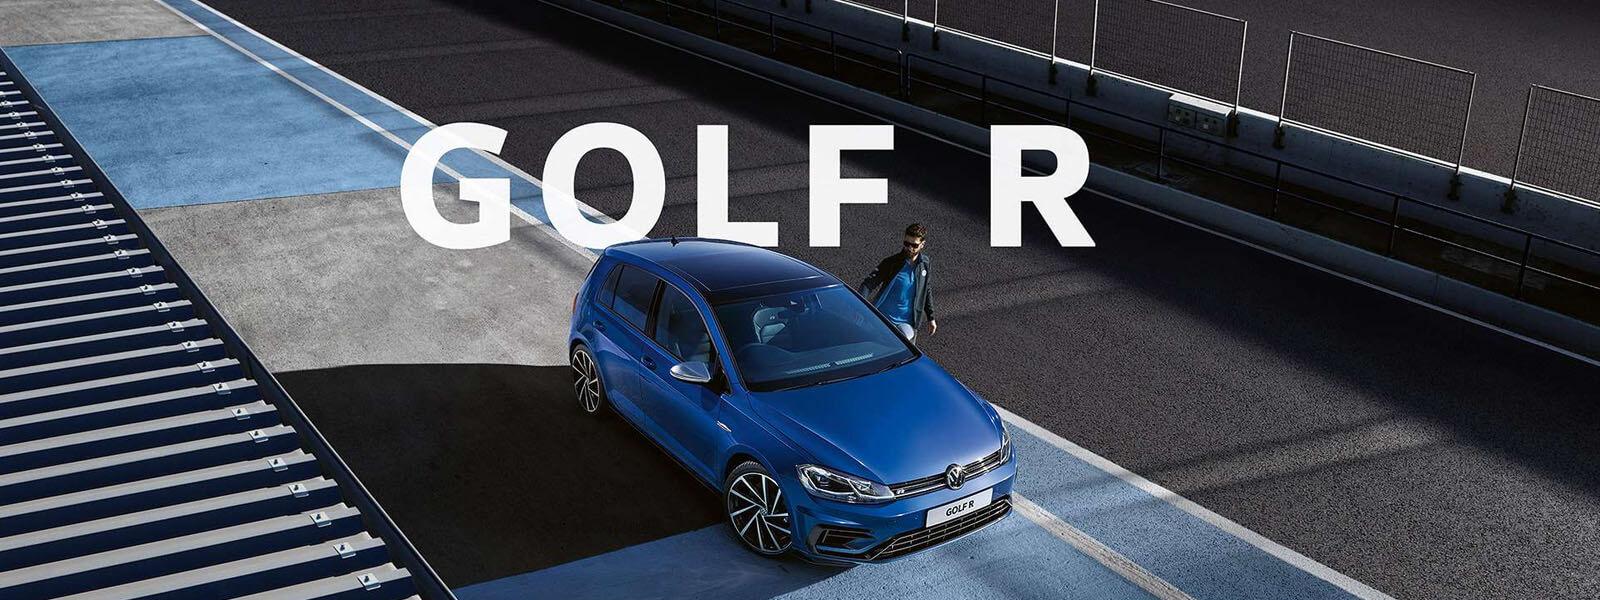 New Volkswagen Golf for sale - Gold Coast Volkswagen